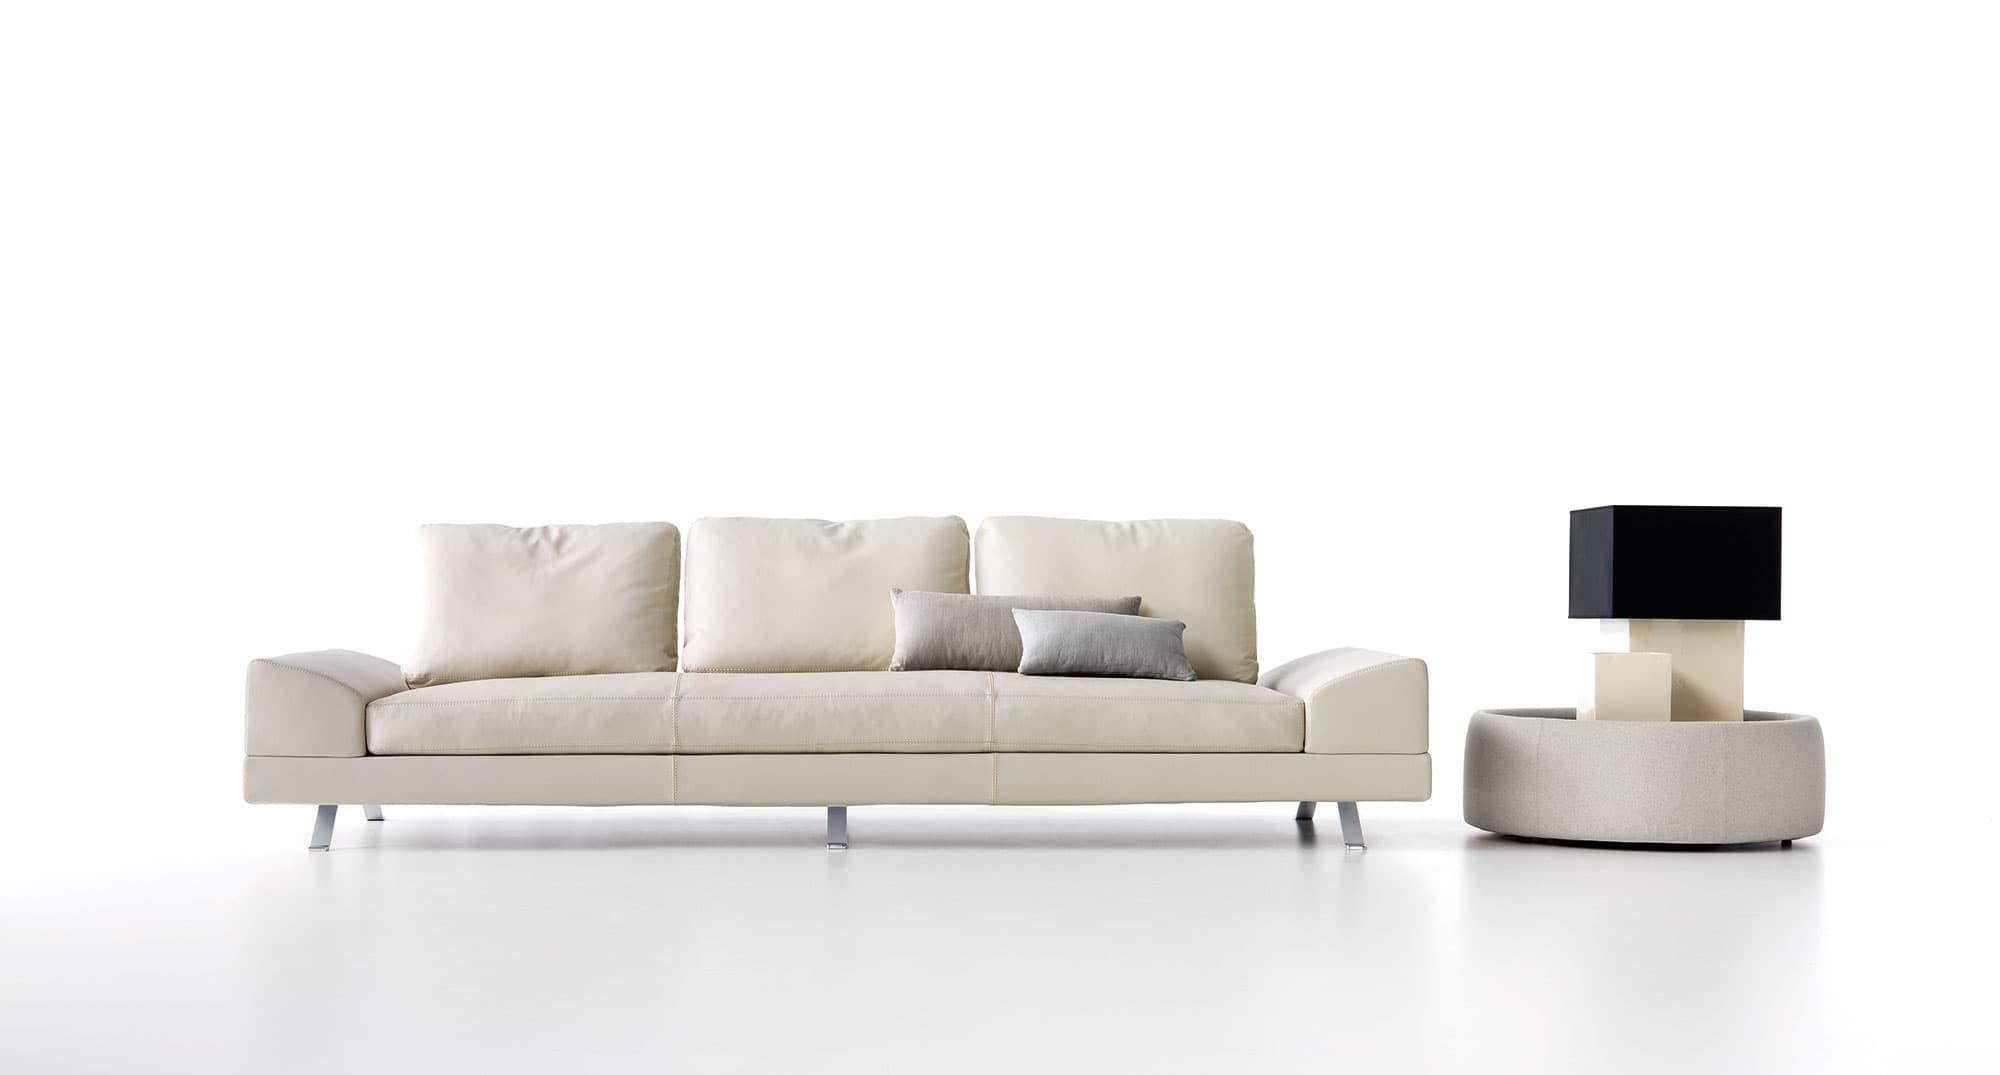 Divano componibile ikea 28 images divano letto - Ikea divano componibile ...